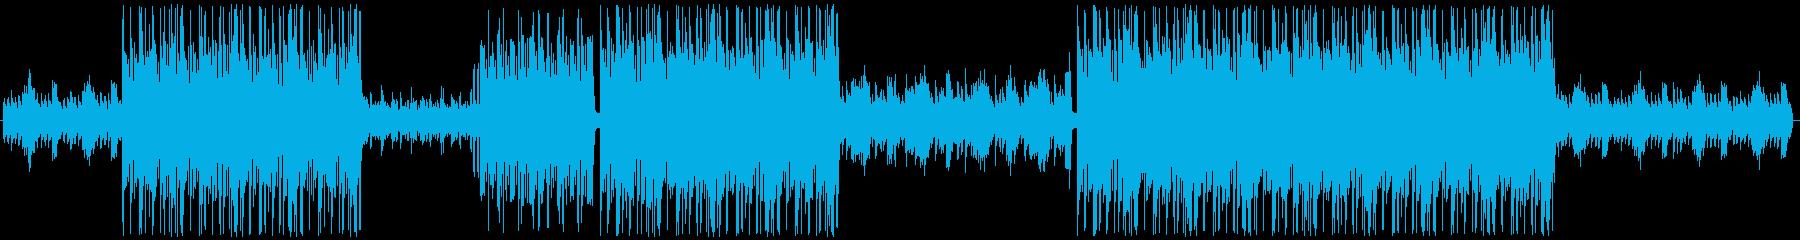 ピアノと和楽器を使った和風TRAPの再生済みの波形